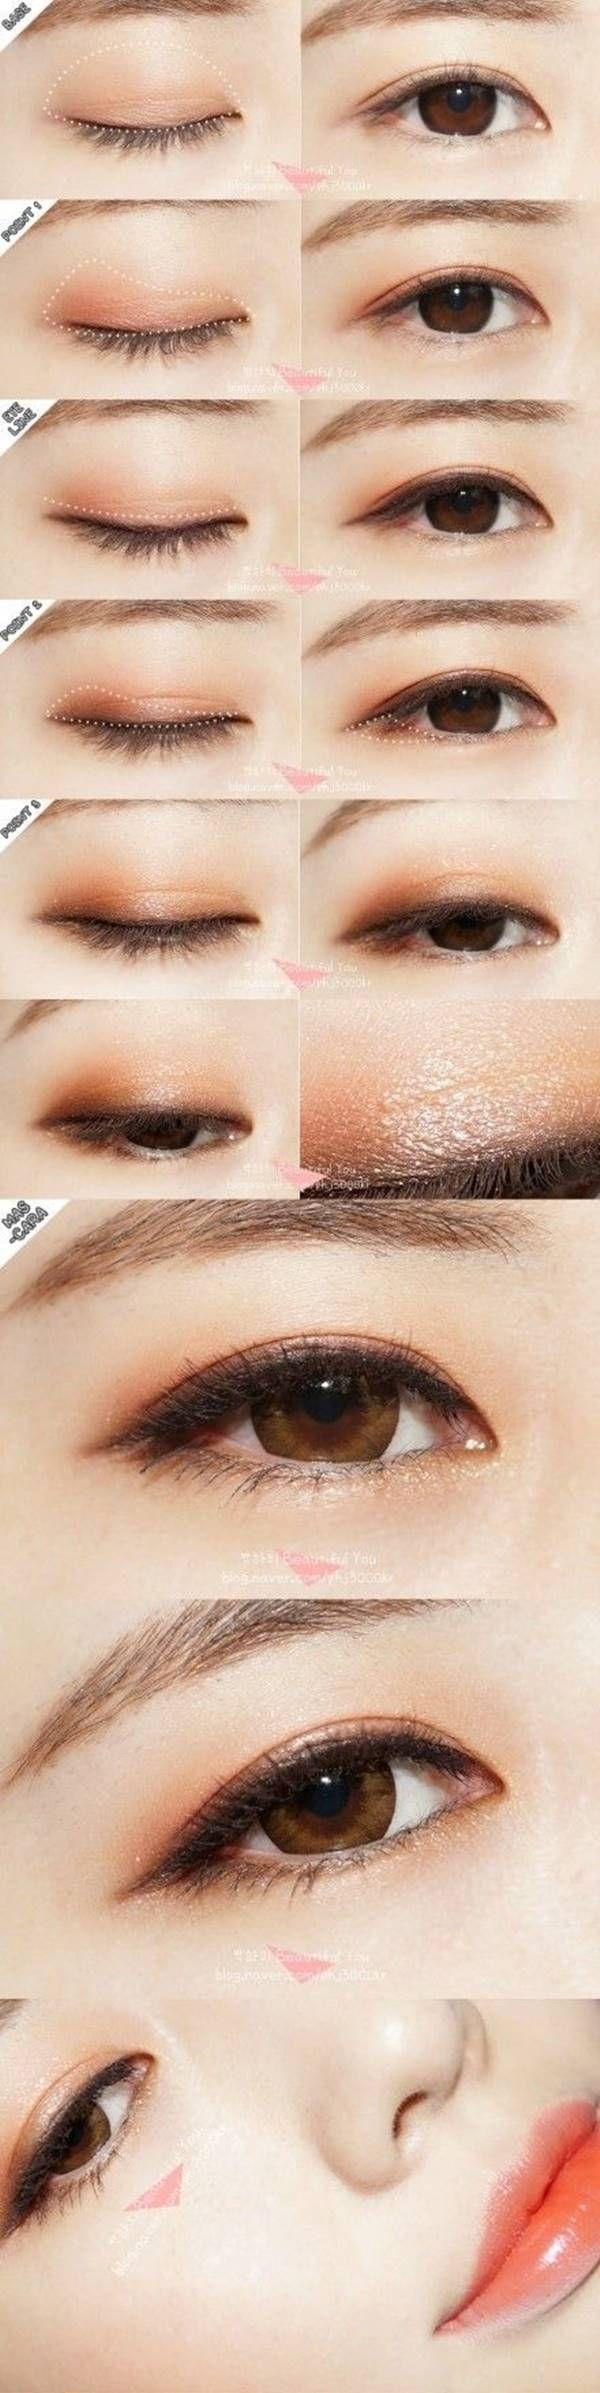 30 ���ไตล์การลง How To Put Eyeshadowasian